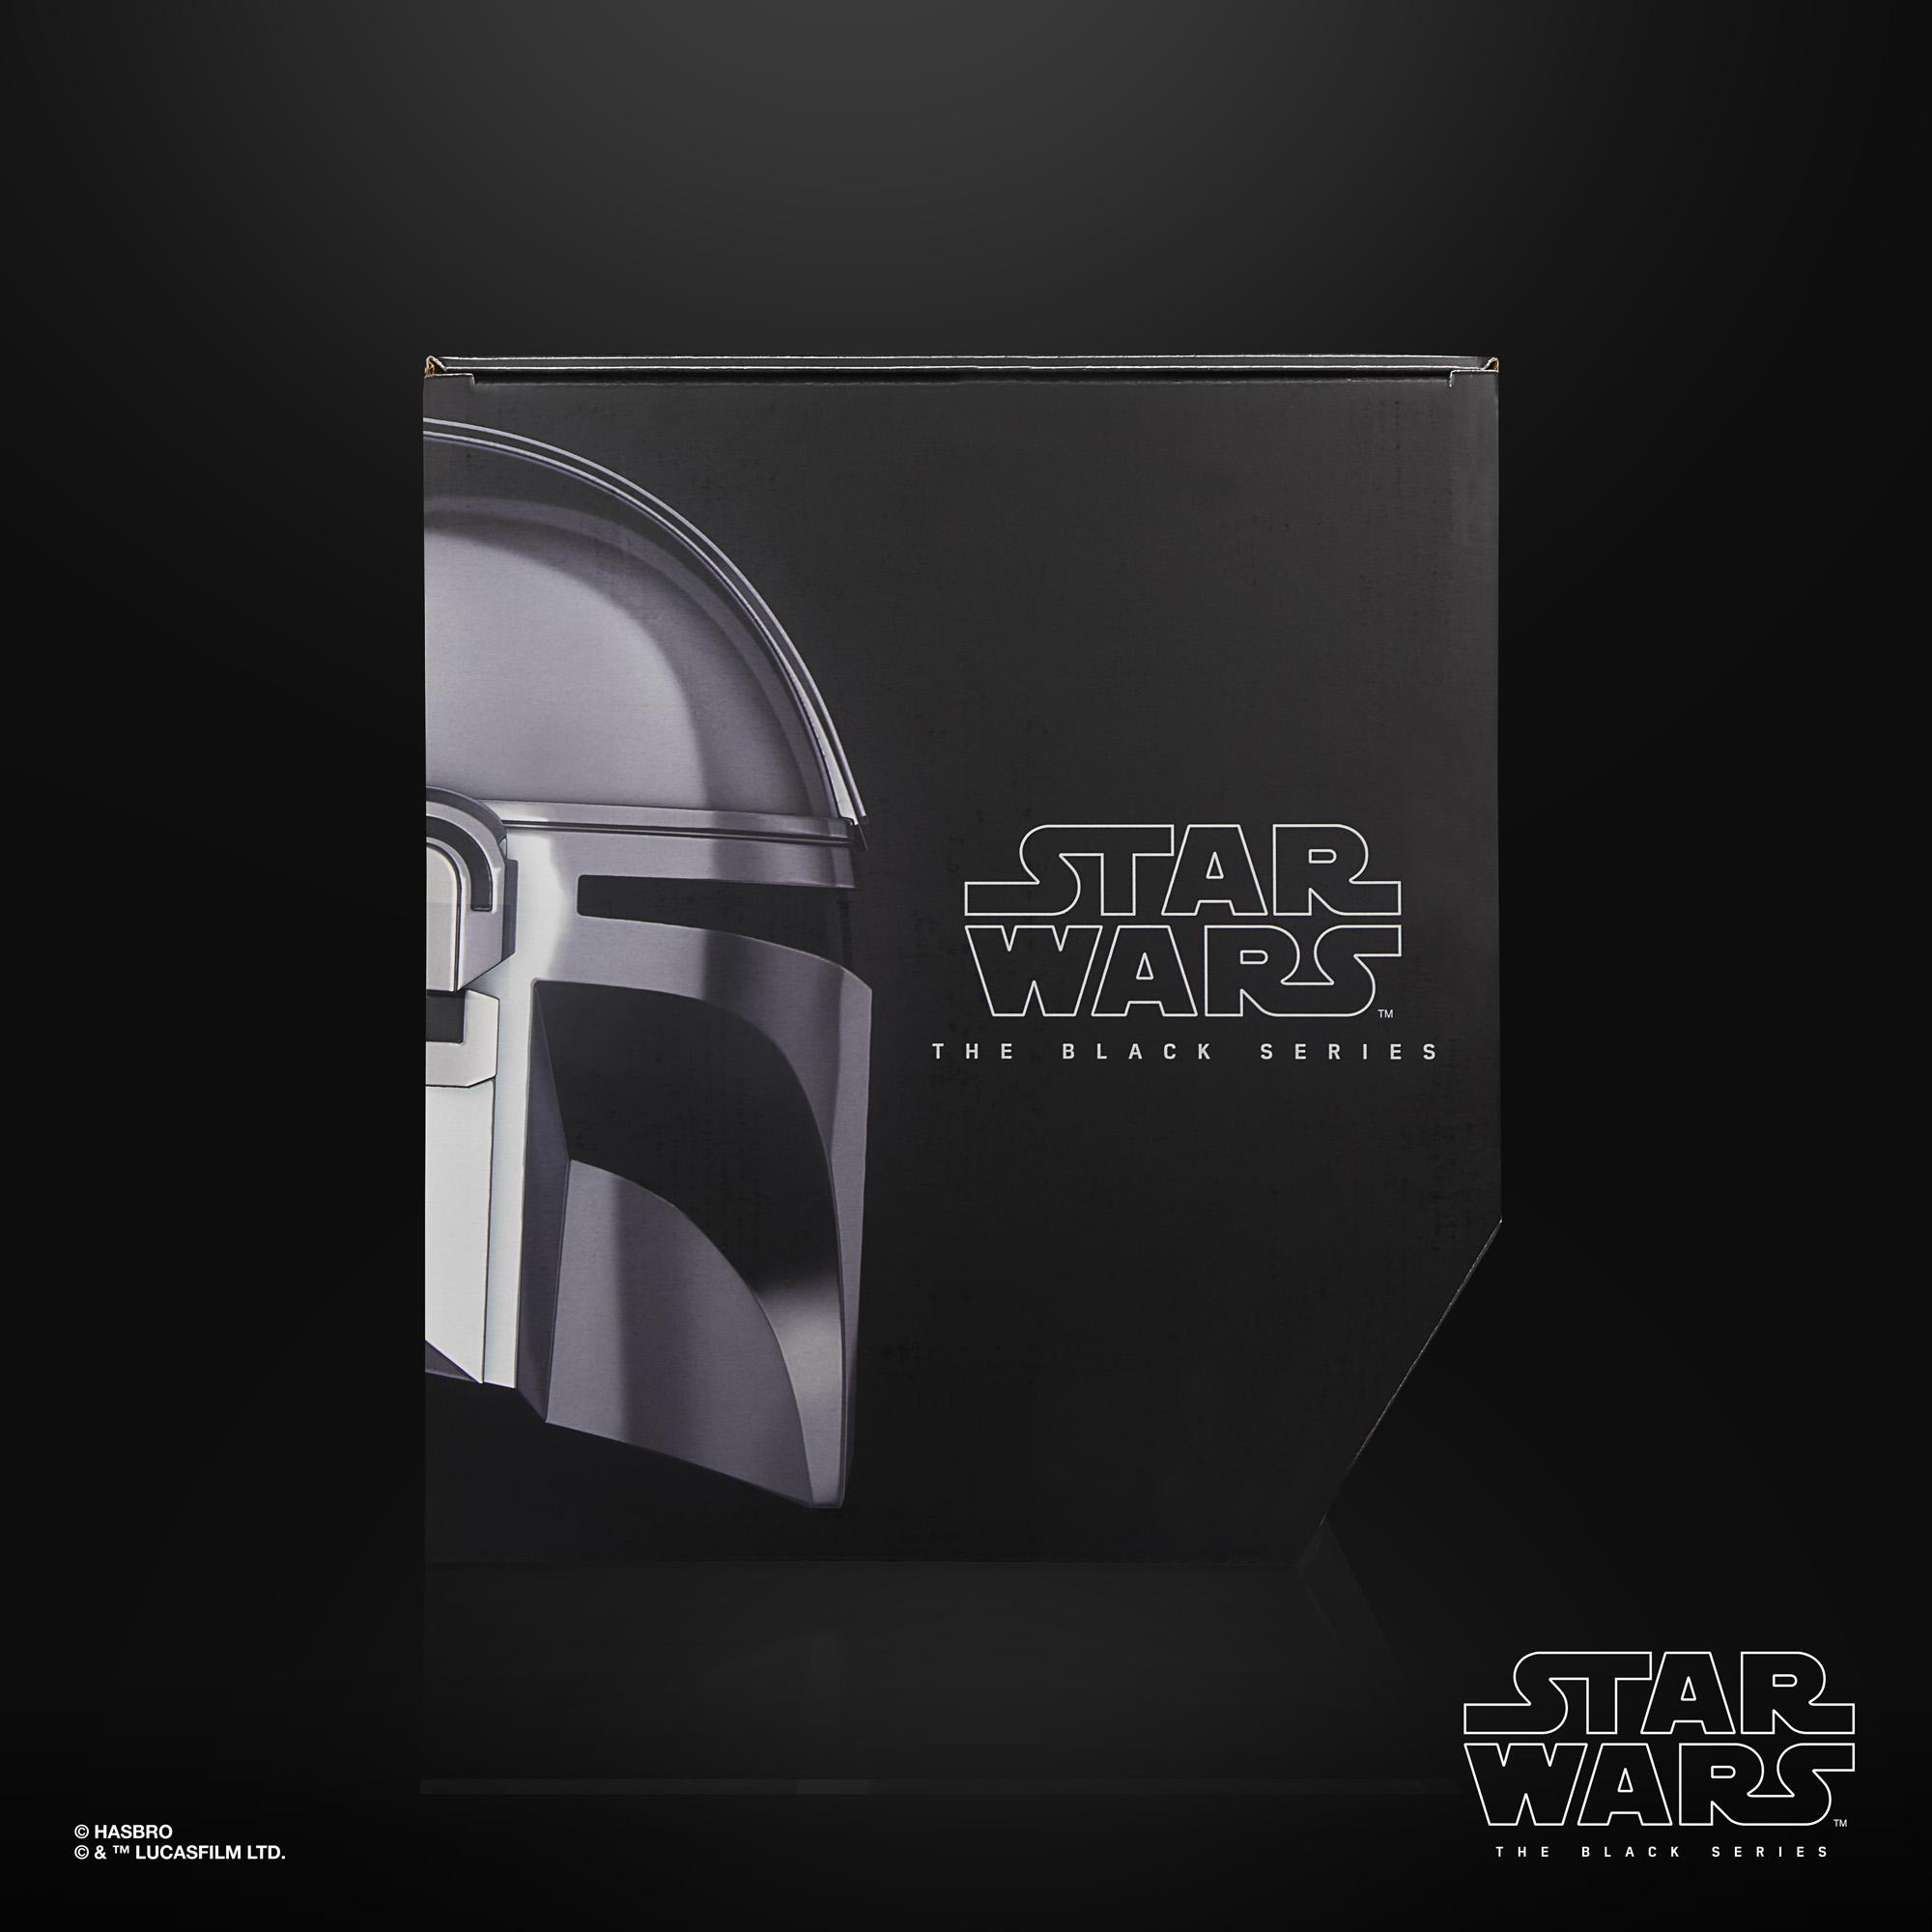 Star Wars The Black Series The Mandalorian Helmet F04935L0 5010993800933